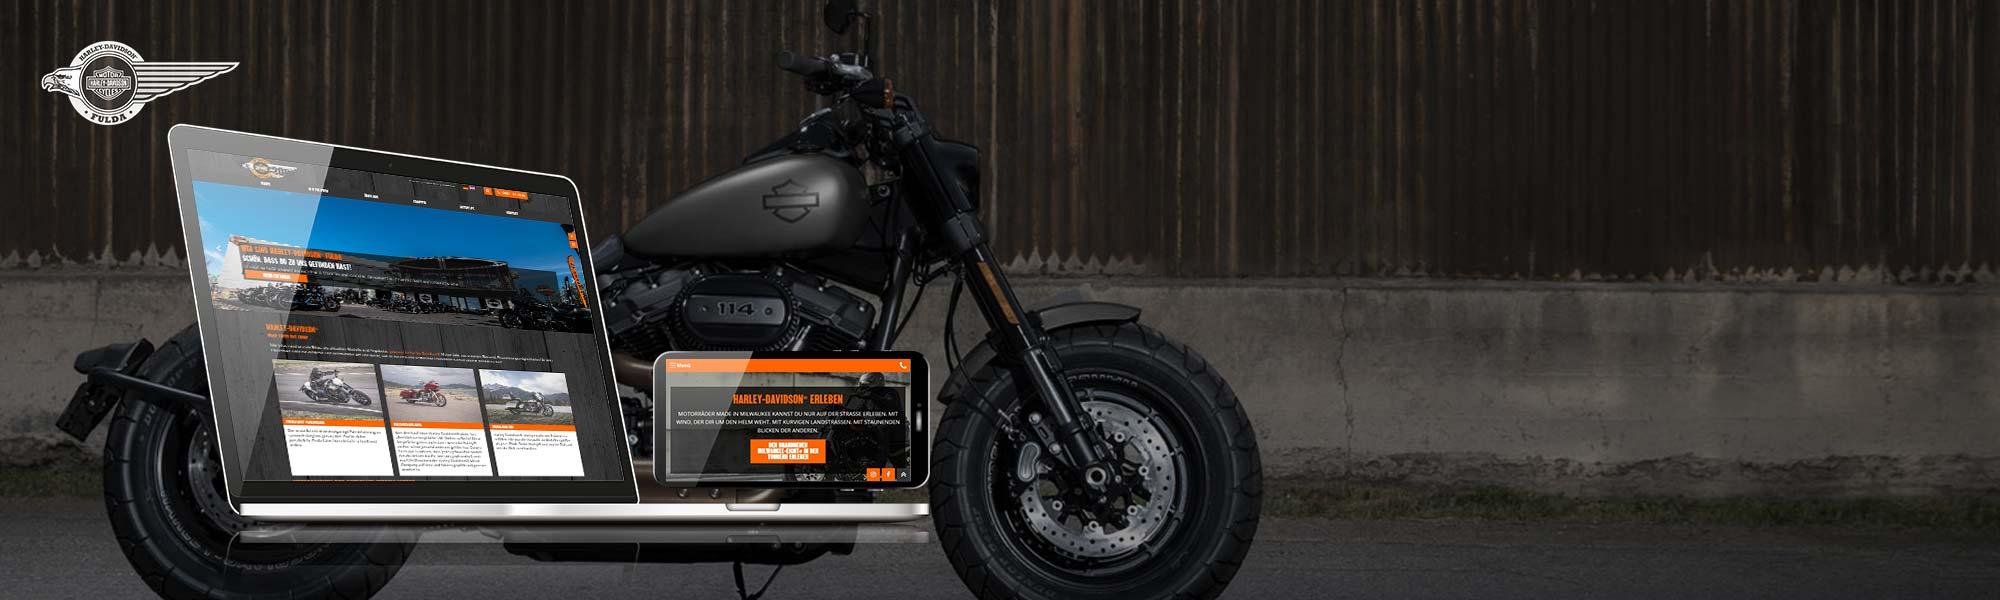 Referenz Harley Davidson Händler in Fulda